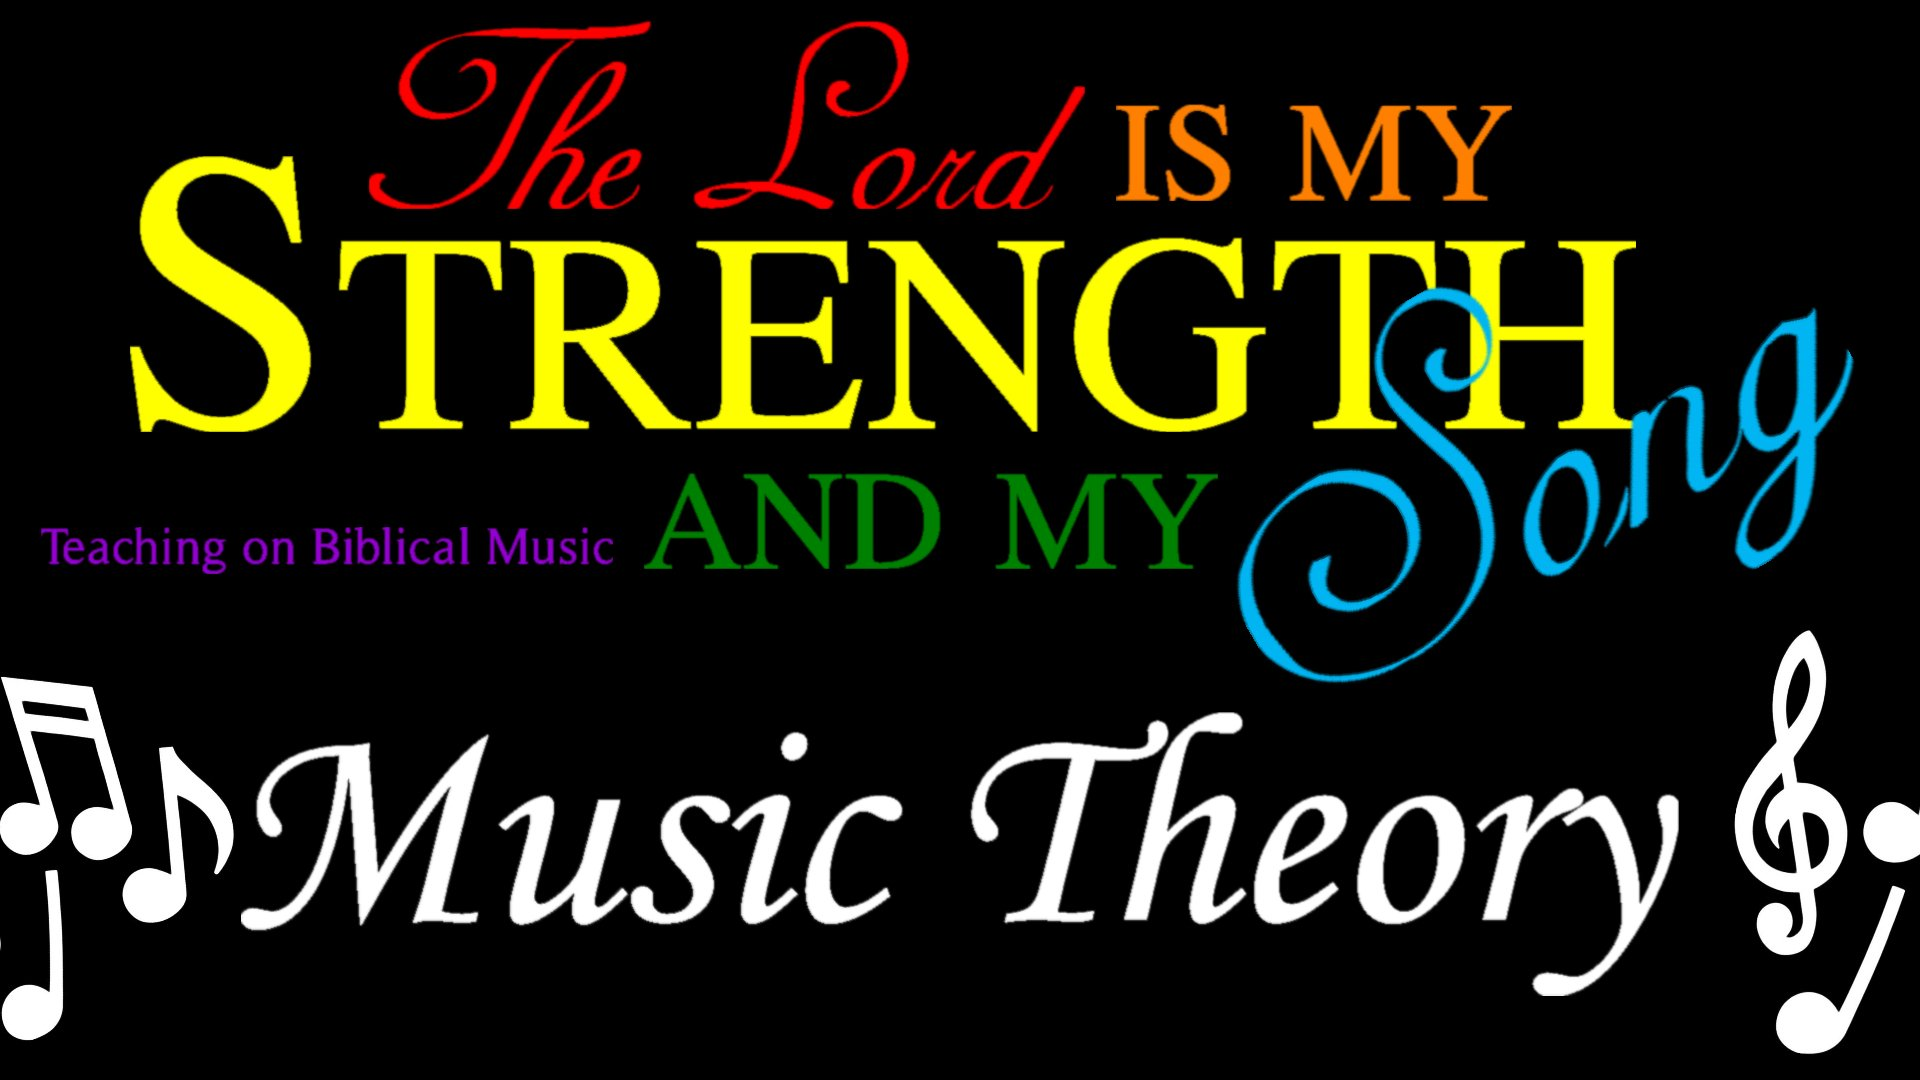 09 Music Theory